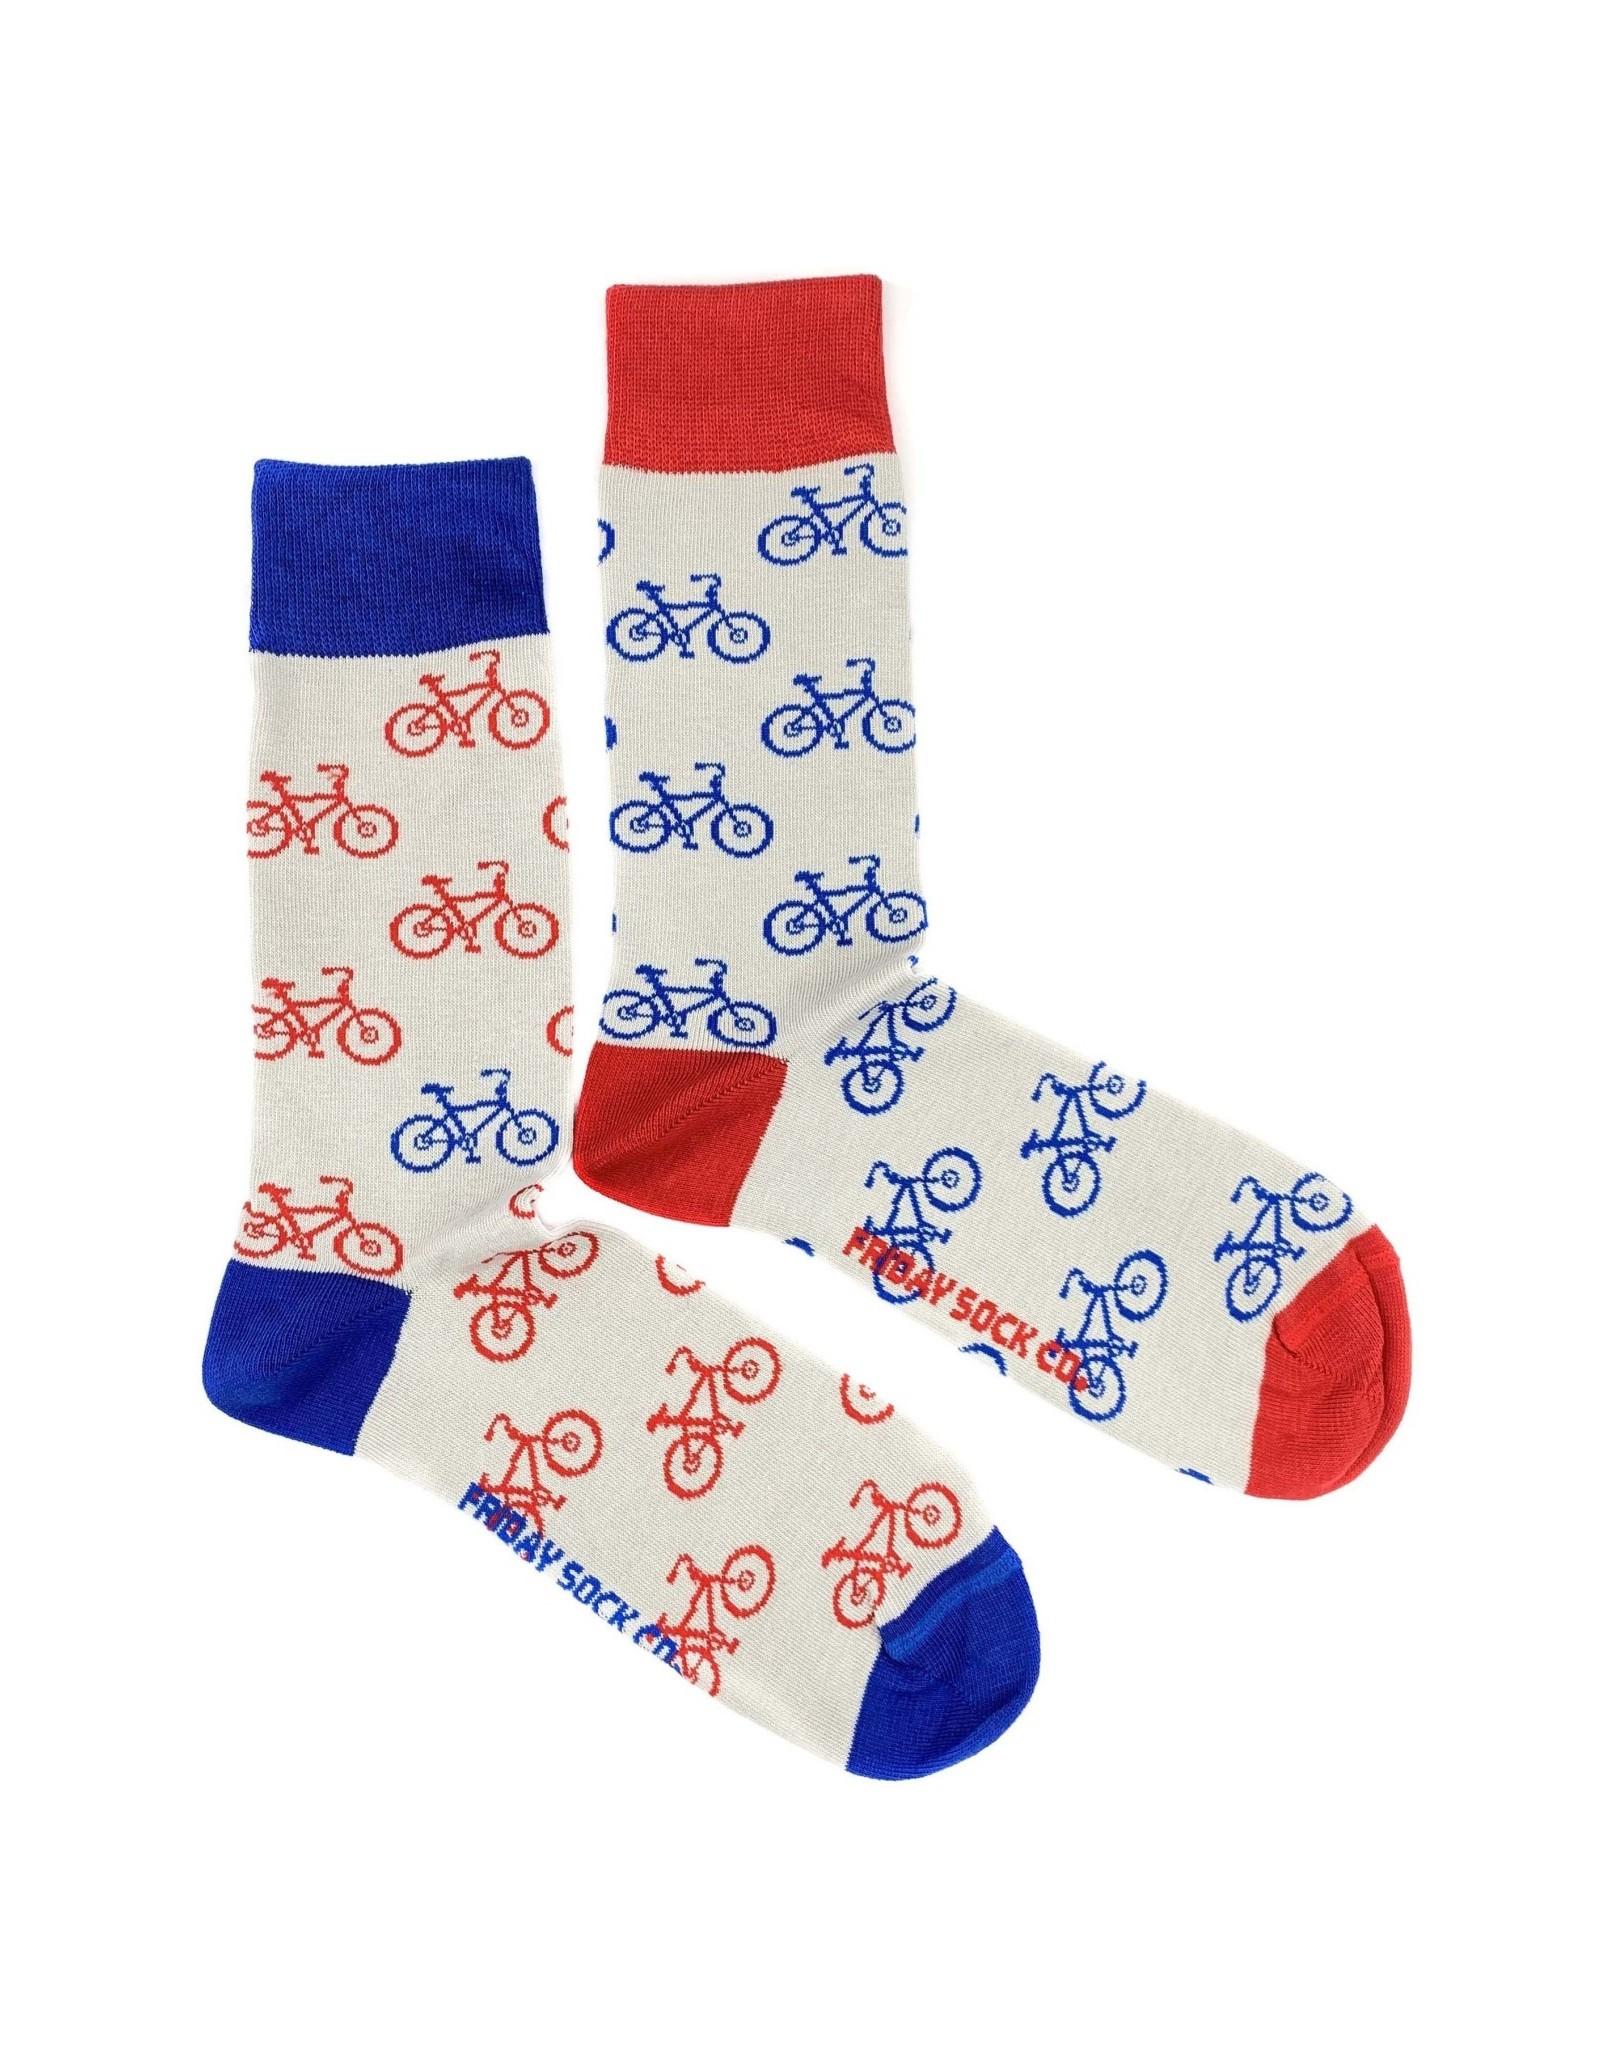 Friday Sock Co Bike Bike Bike Socks